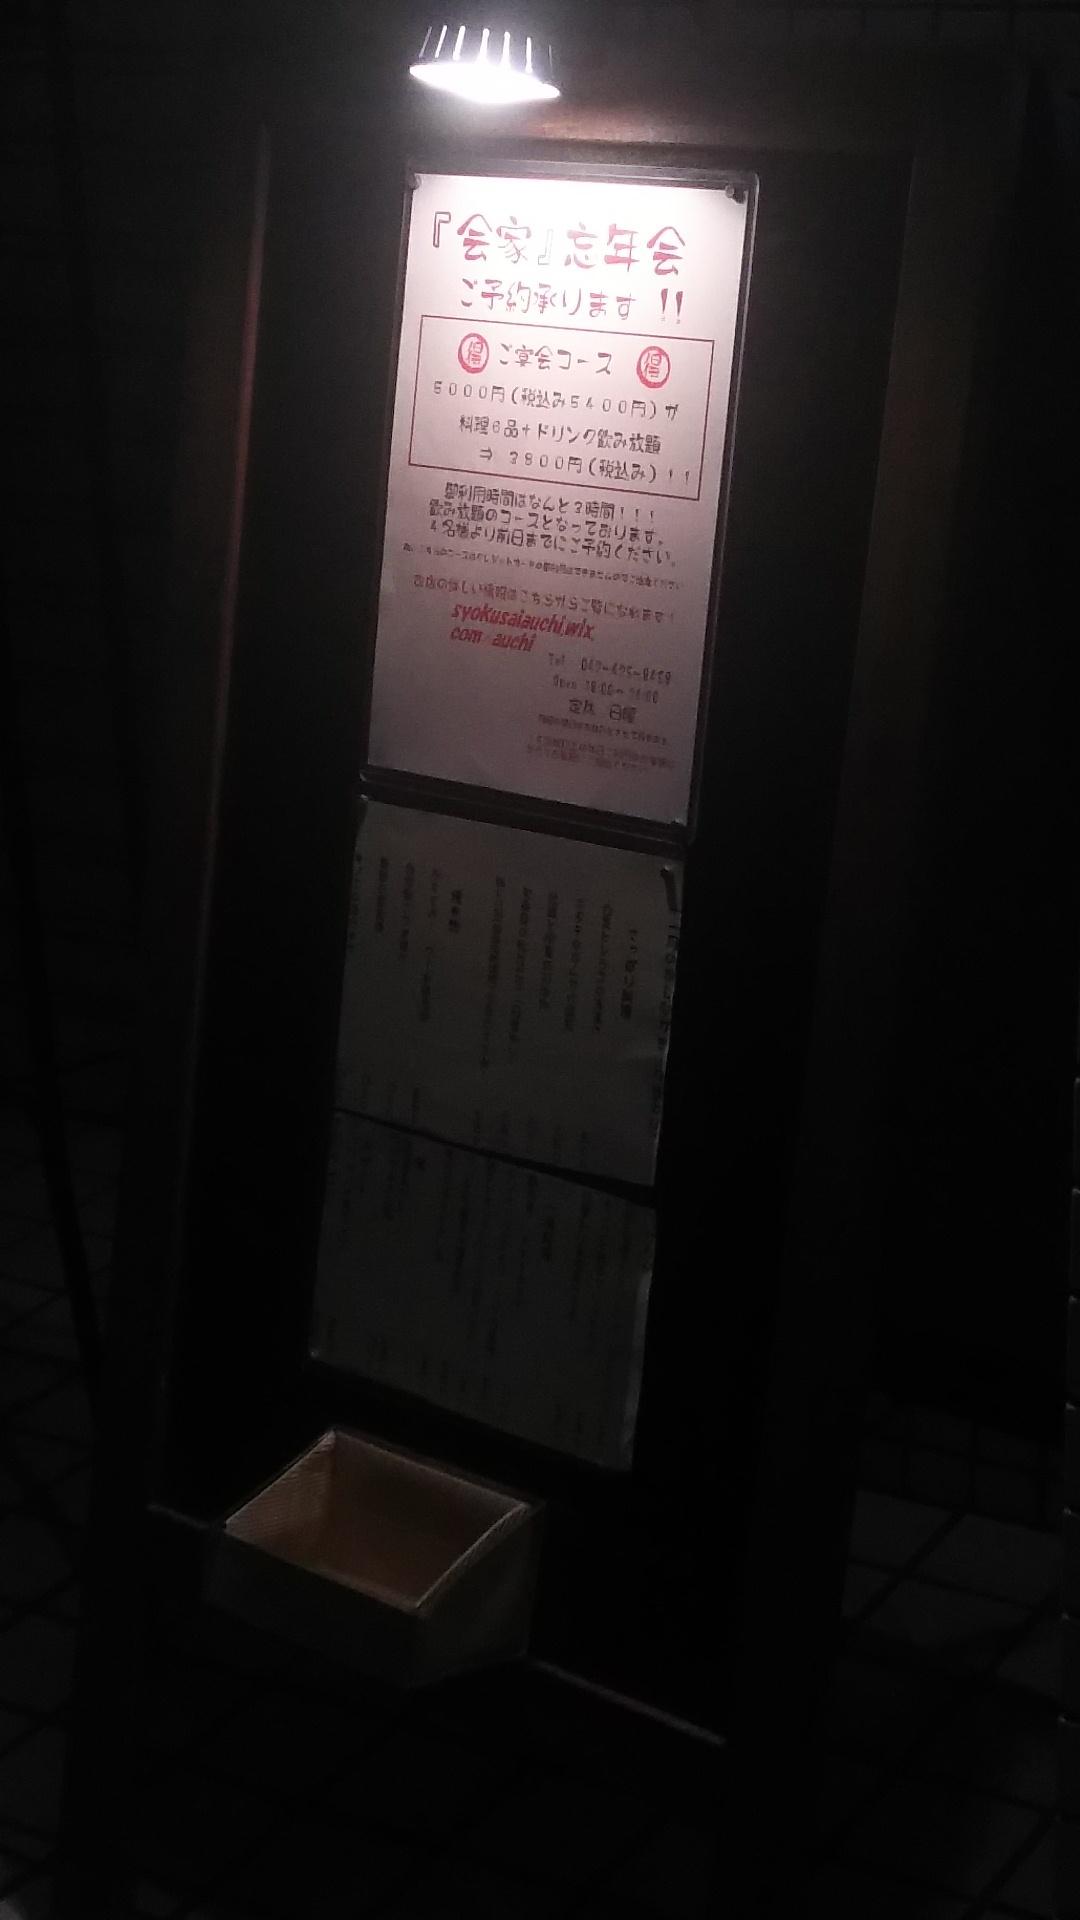 食彩酒房 会家